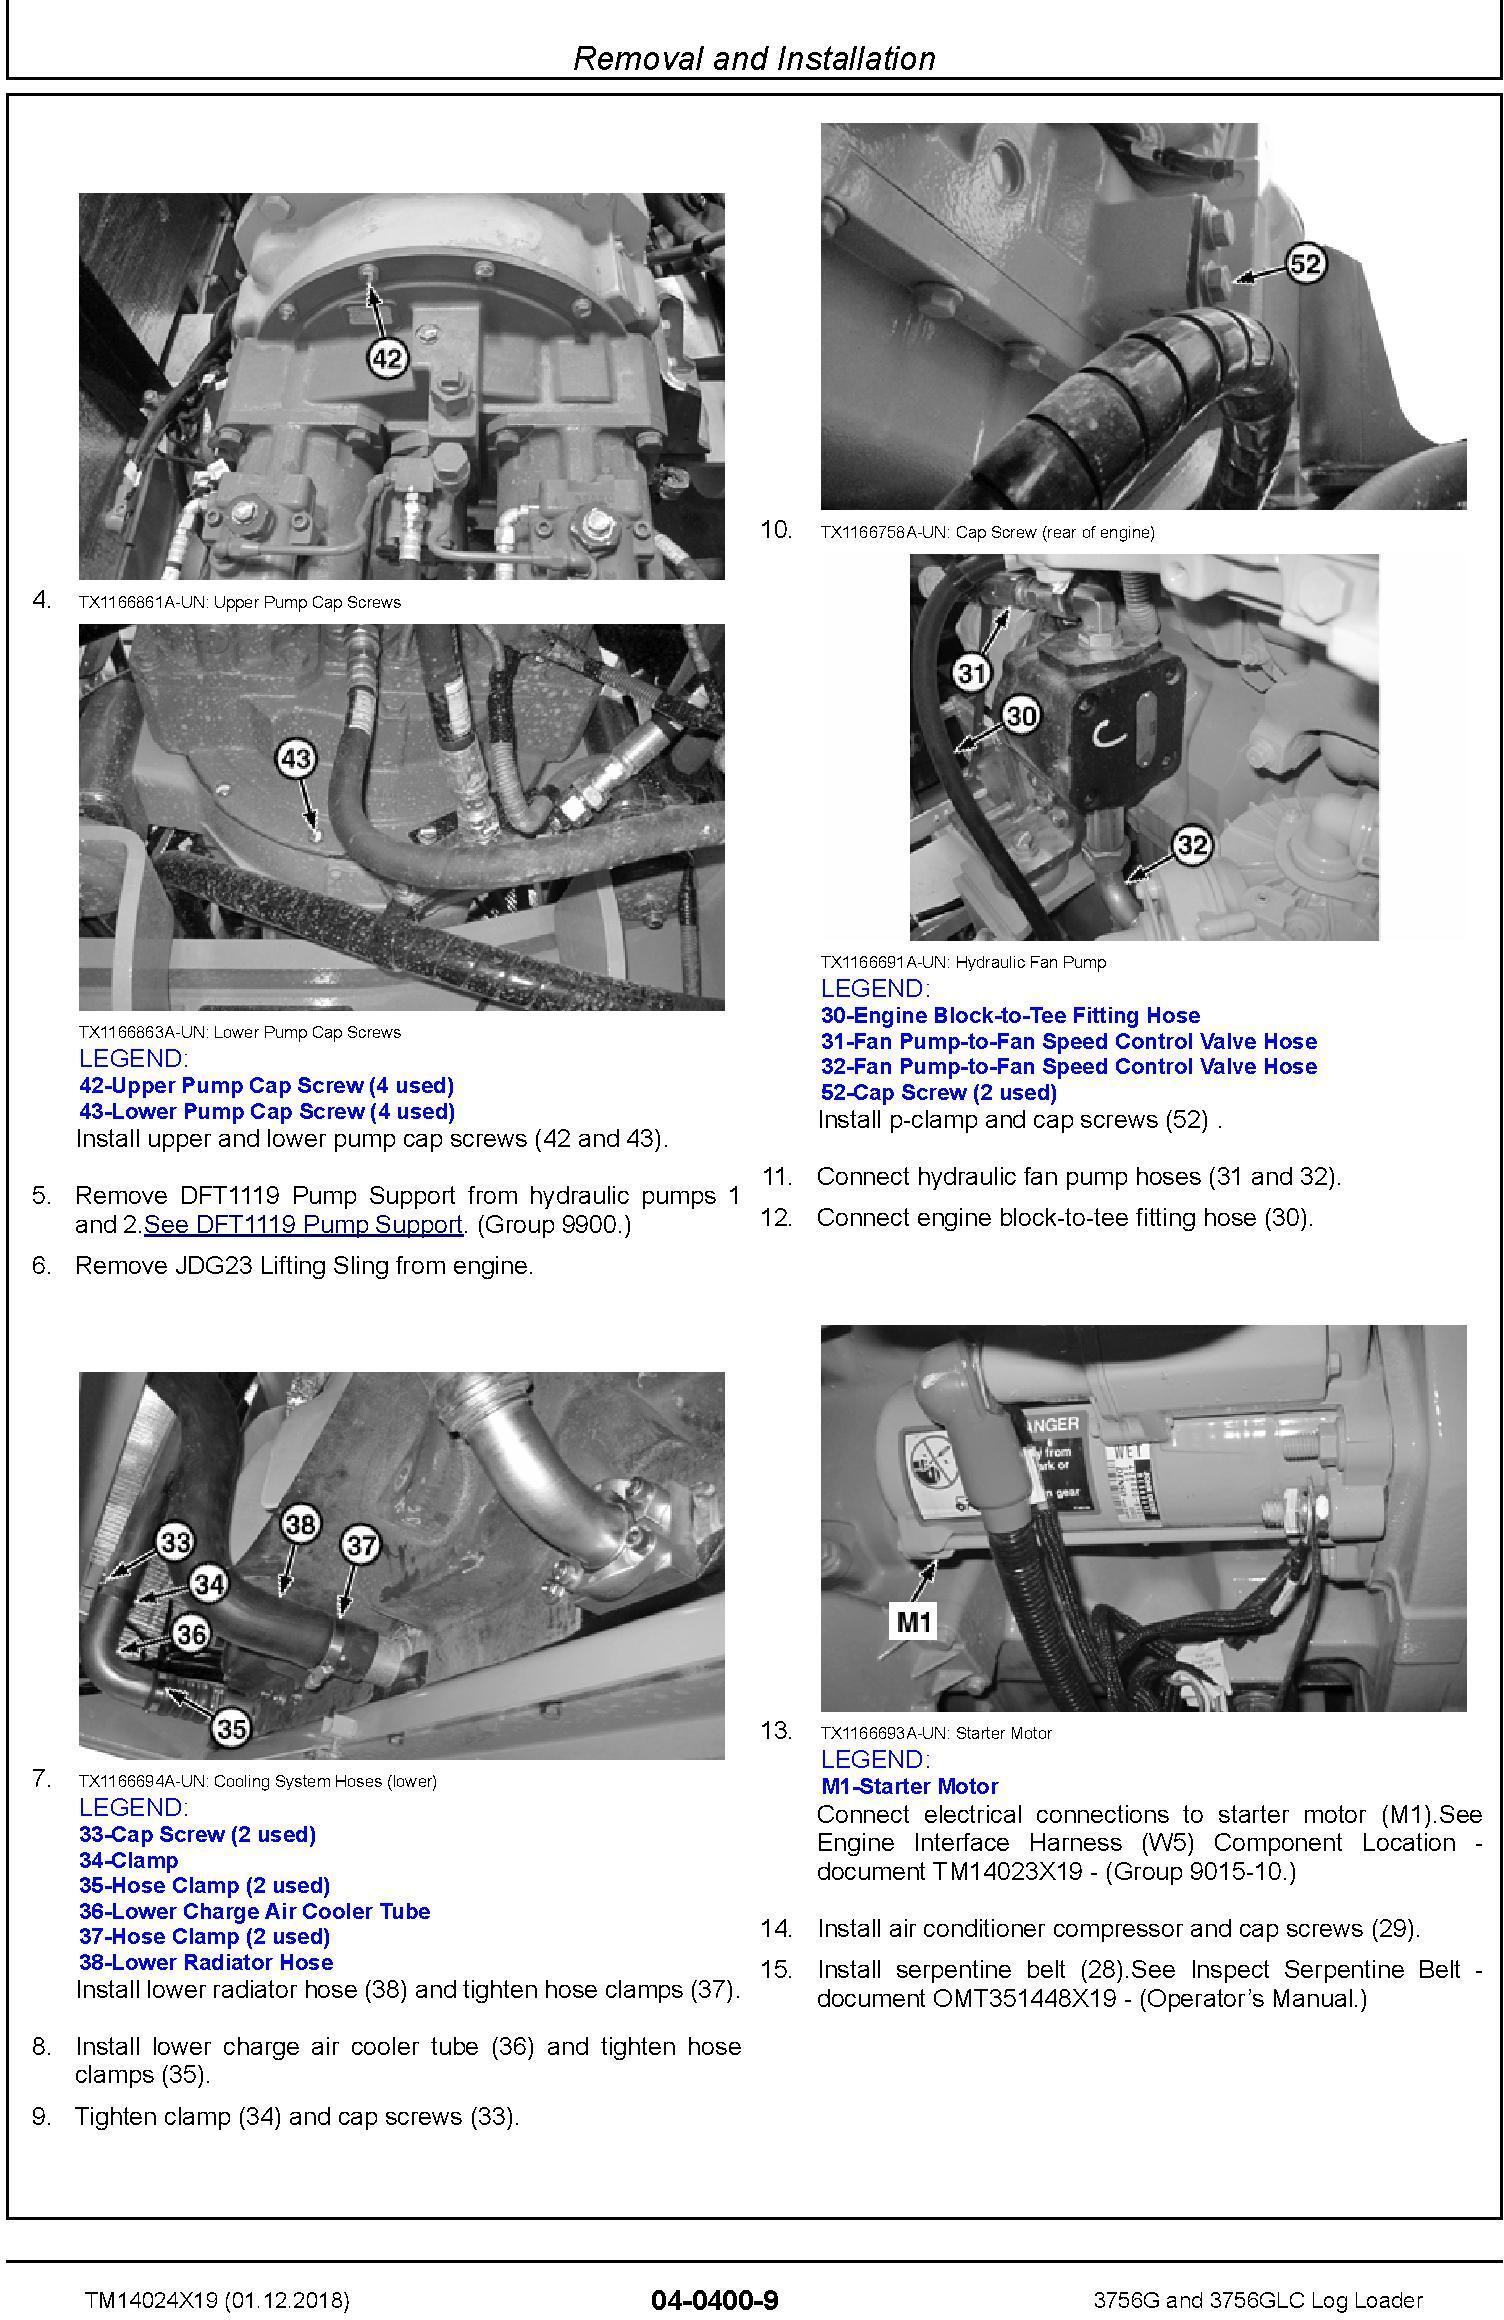 John Deere 3756G and 3756GLC (SN. F376001-) Log Loader Service Repair Technical Manual (TM14024X19) - 3